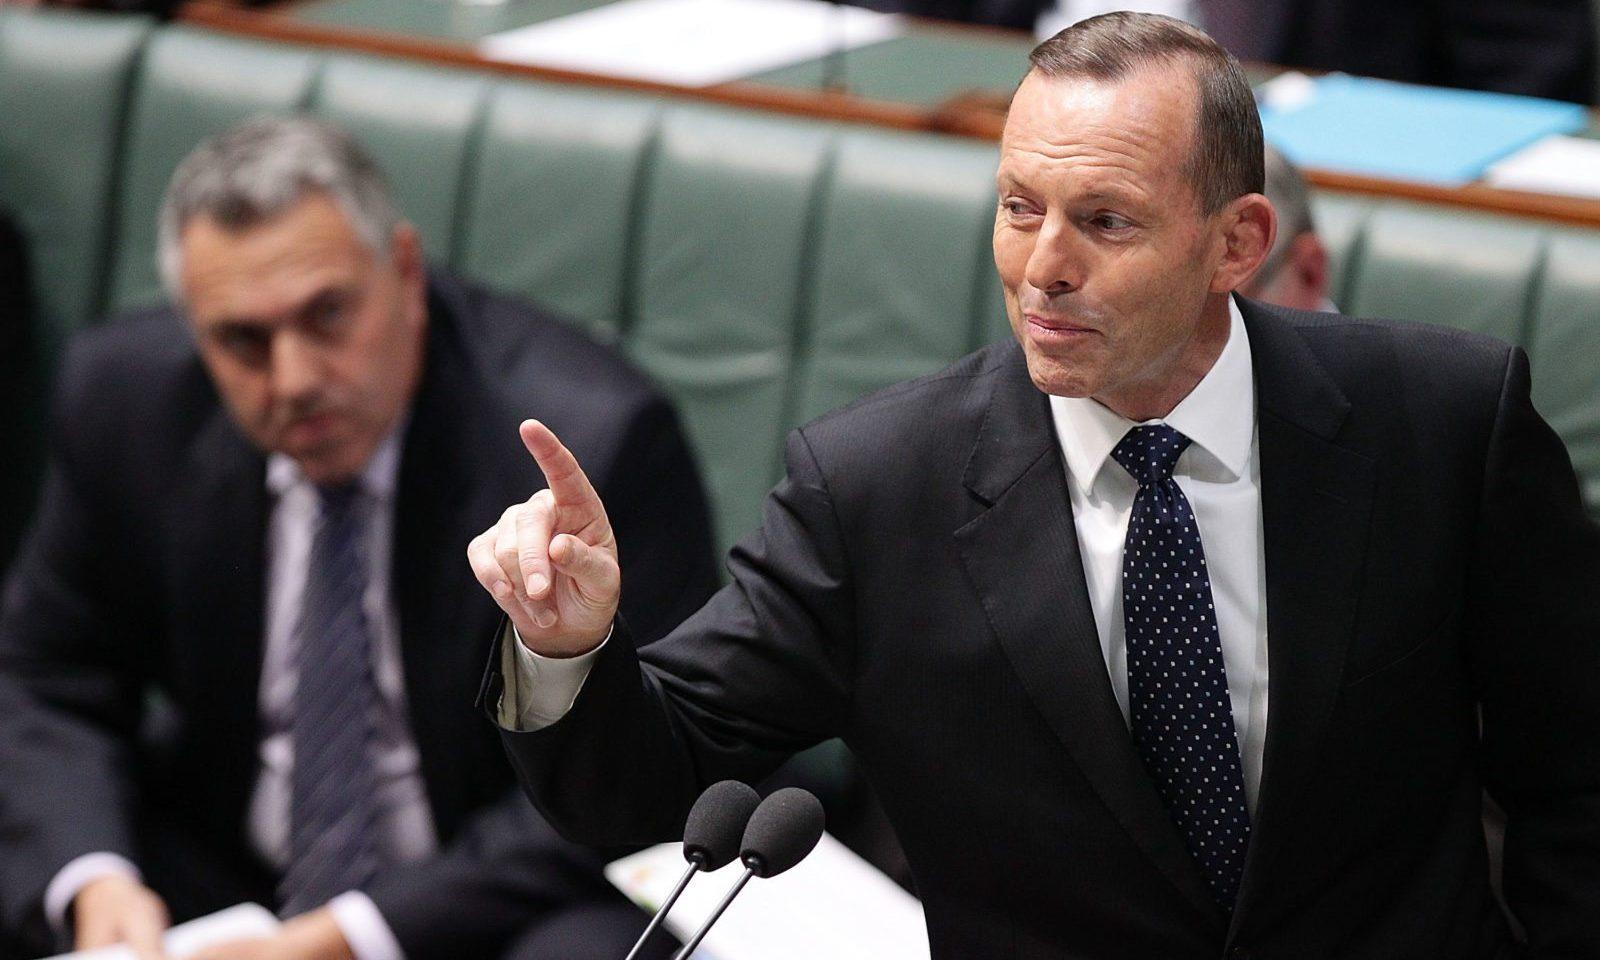 Tony Abbott Çark Etti! 'Eşcinsel Evlilik Avustralya'yı Güçlendirecek'!